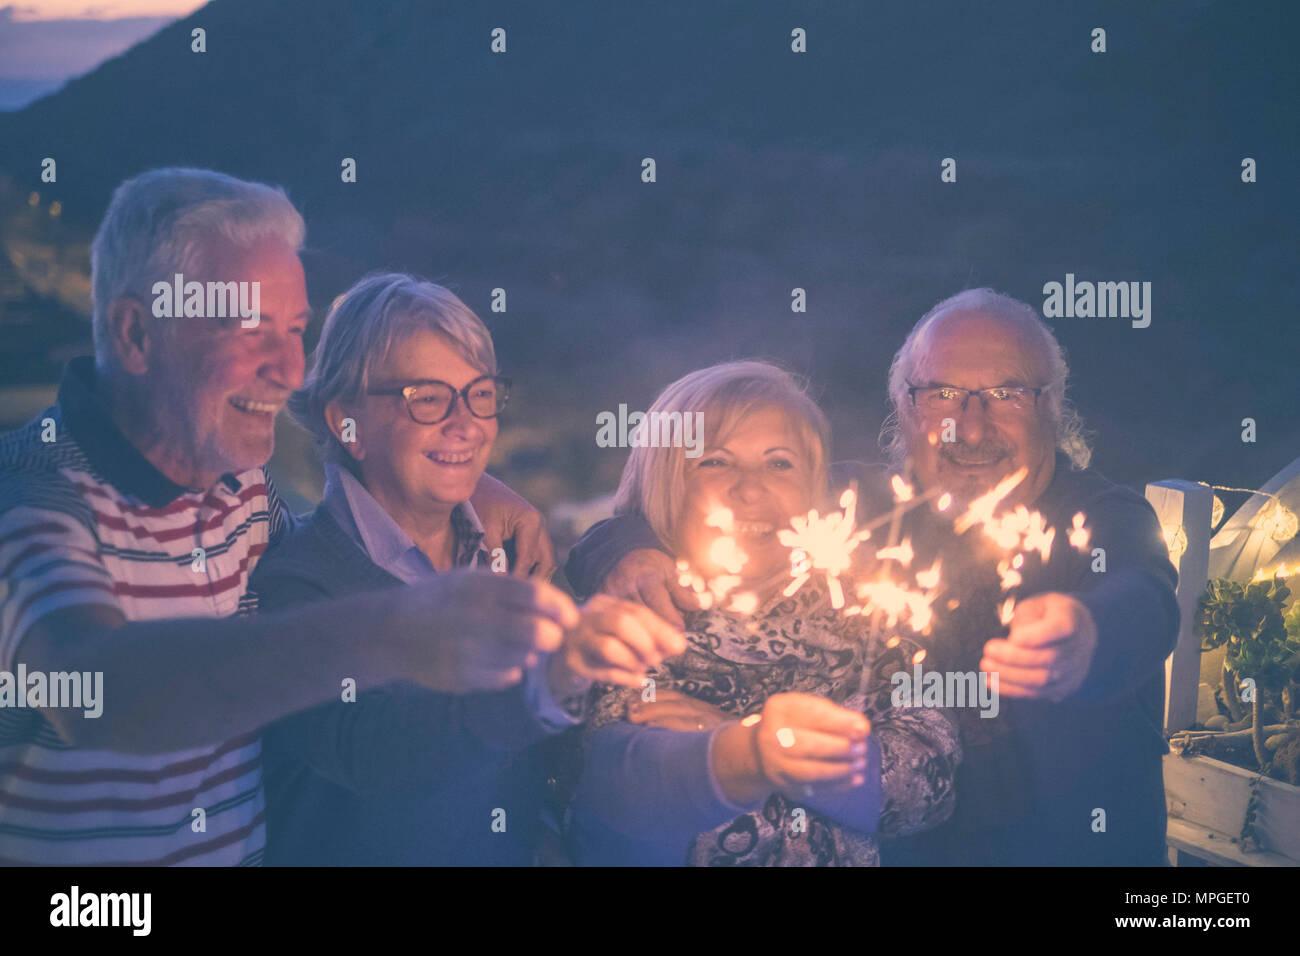 Événement fêter Nouvel an à minuit pour le groupe de personnes sympas belle senior adulte. Les hommes et les femmes avec sparkles en extérieur par nuit Photo Stock